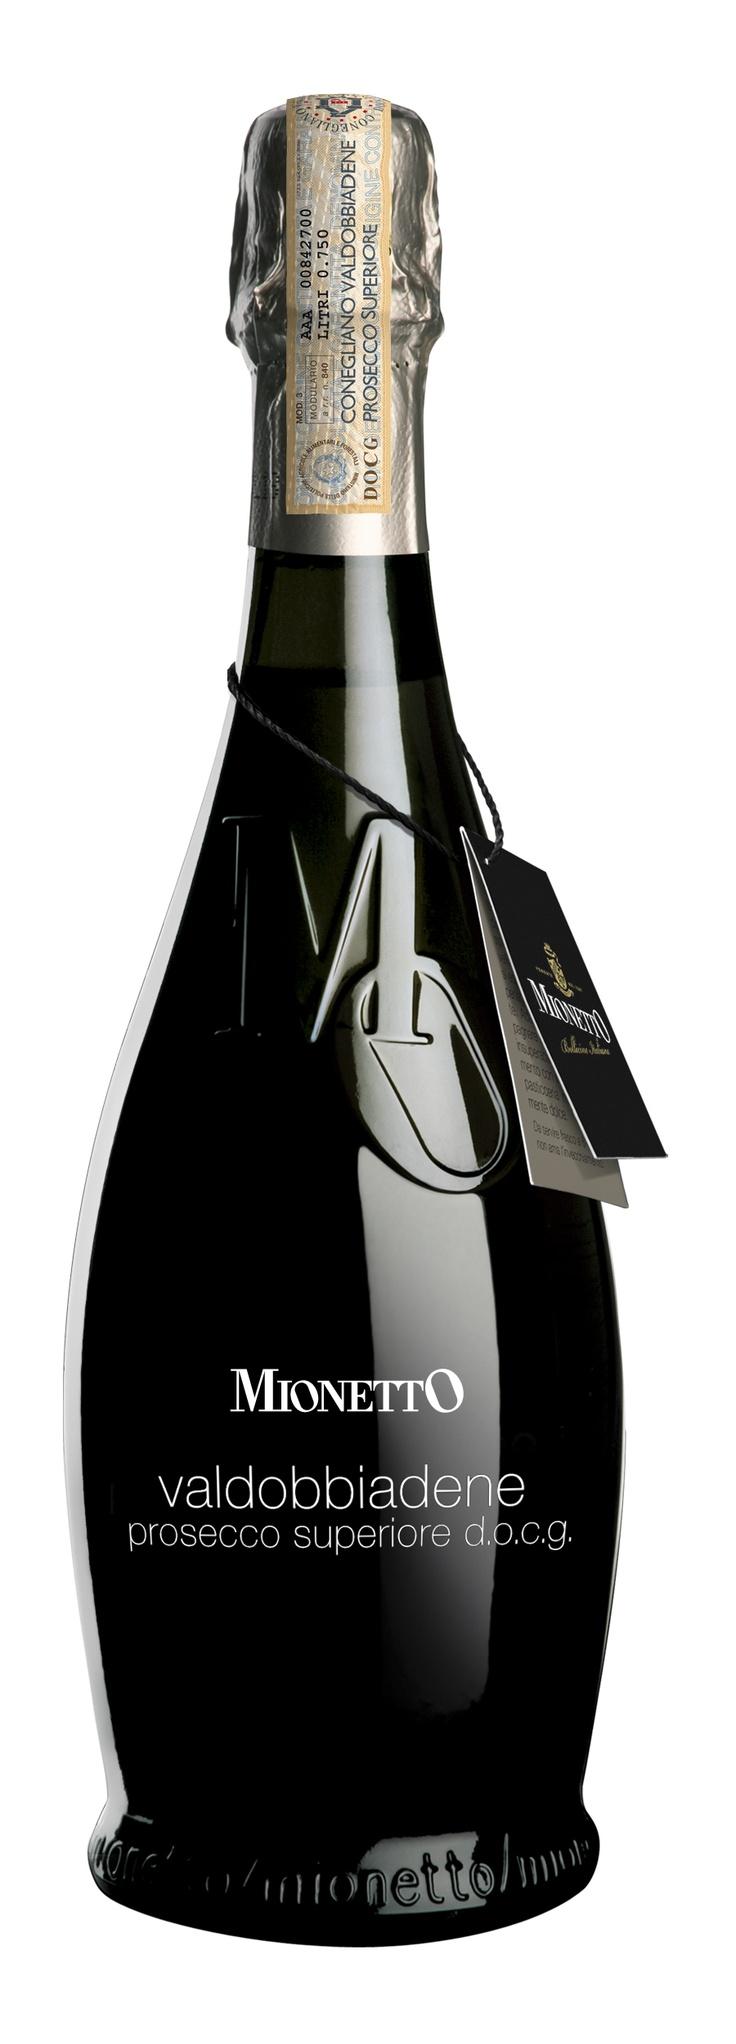 Mionetto Valdobbiadene Prosecco Superiore DOGC. Lovely IMPDO. #Packaging #Design